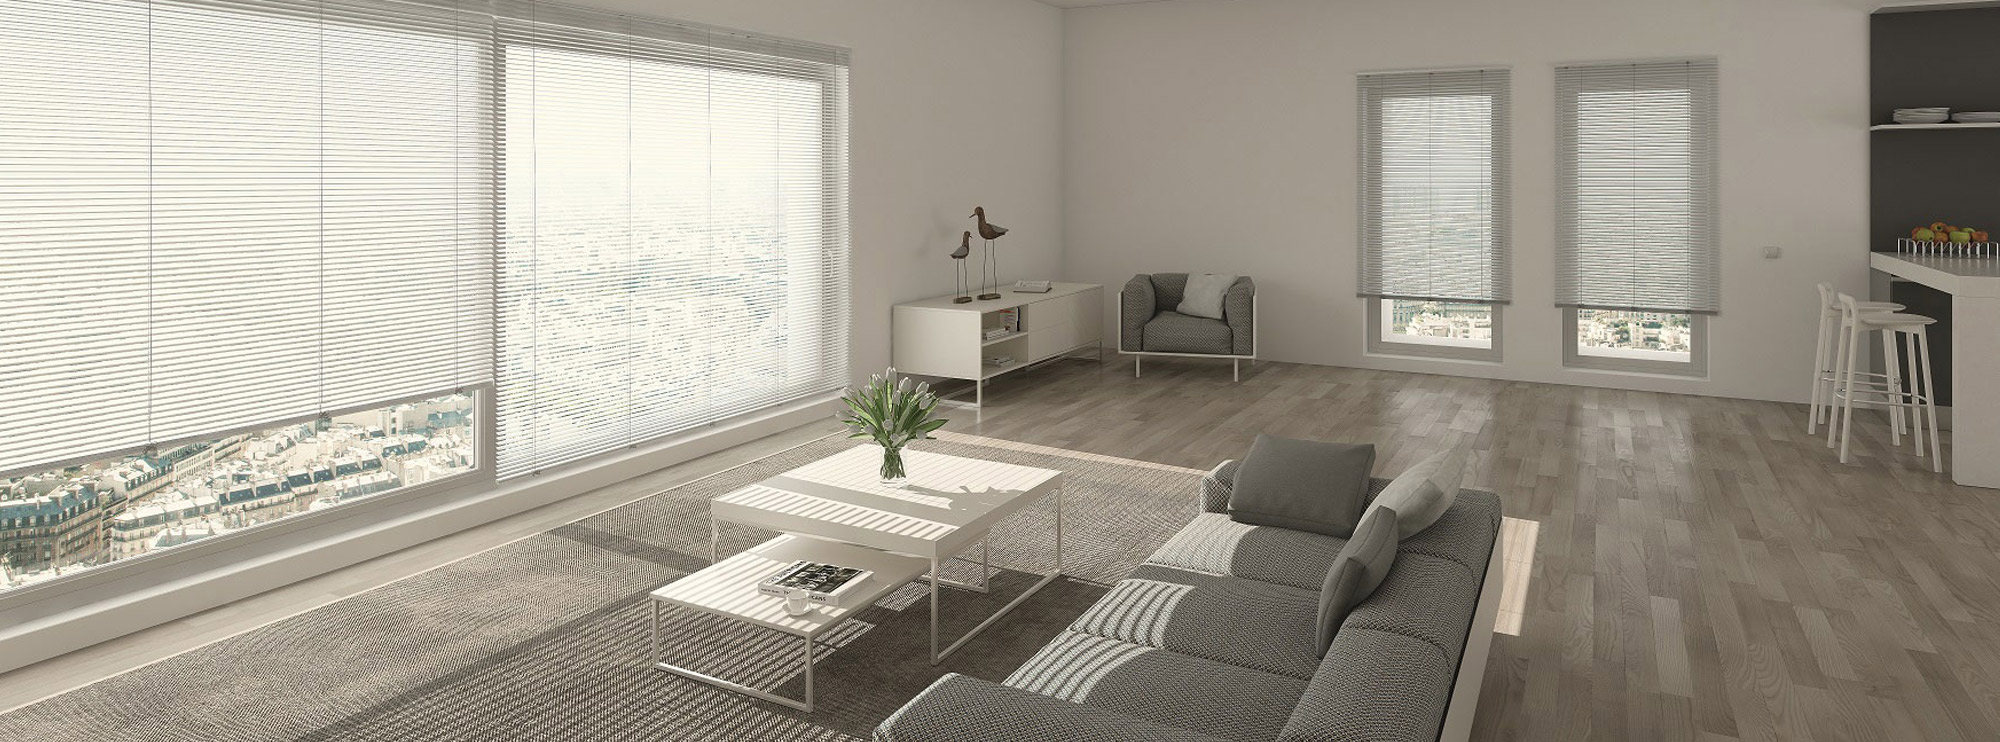 jalousien-mhz-sonnenschutz-fenster-wohnzimmer